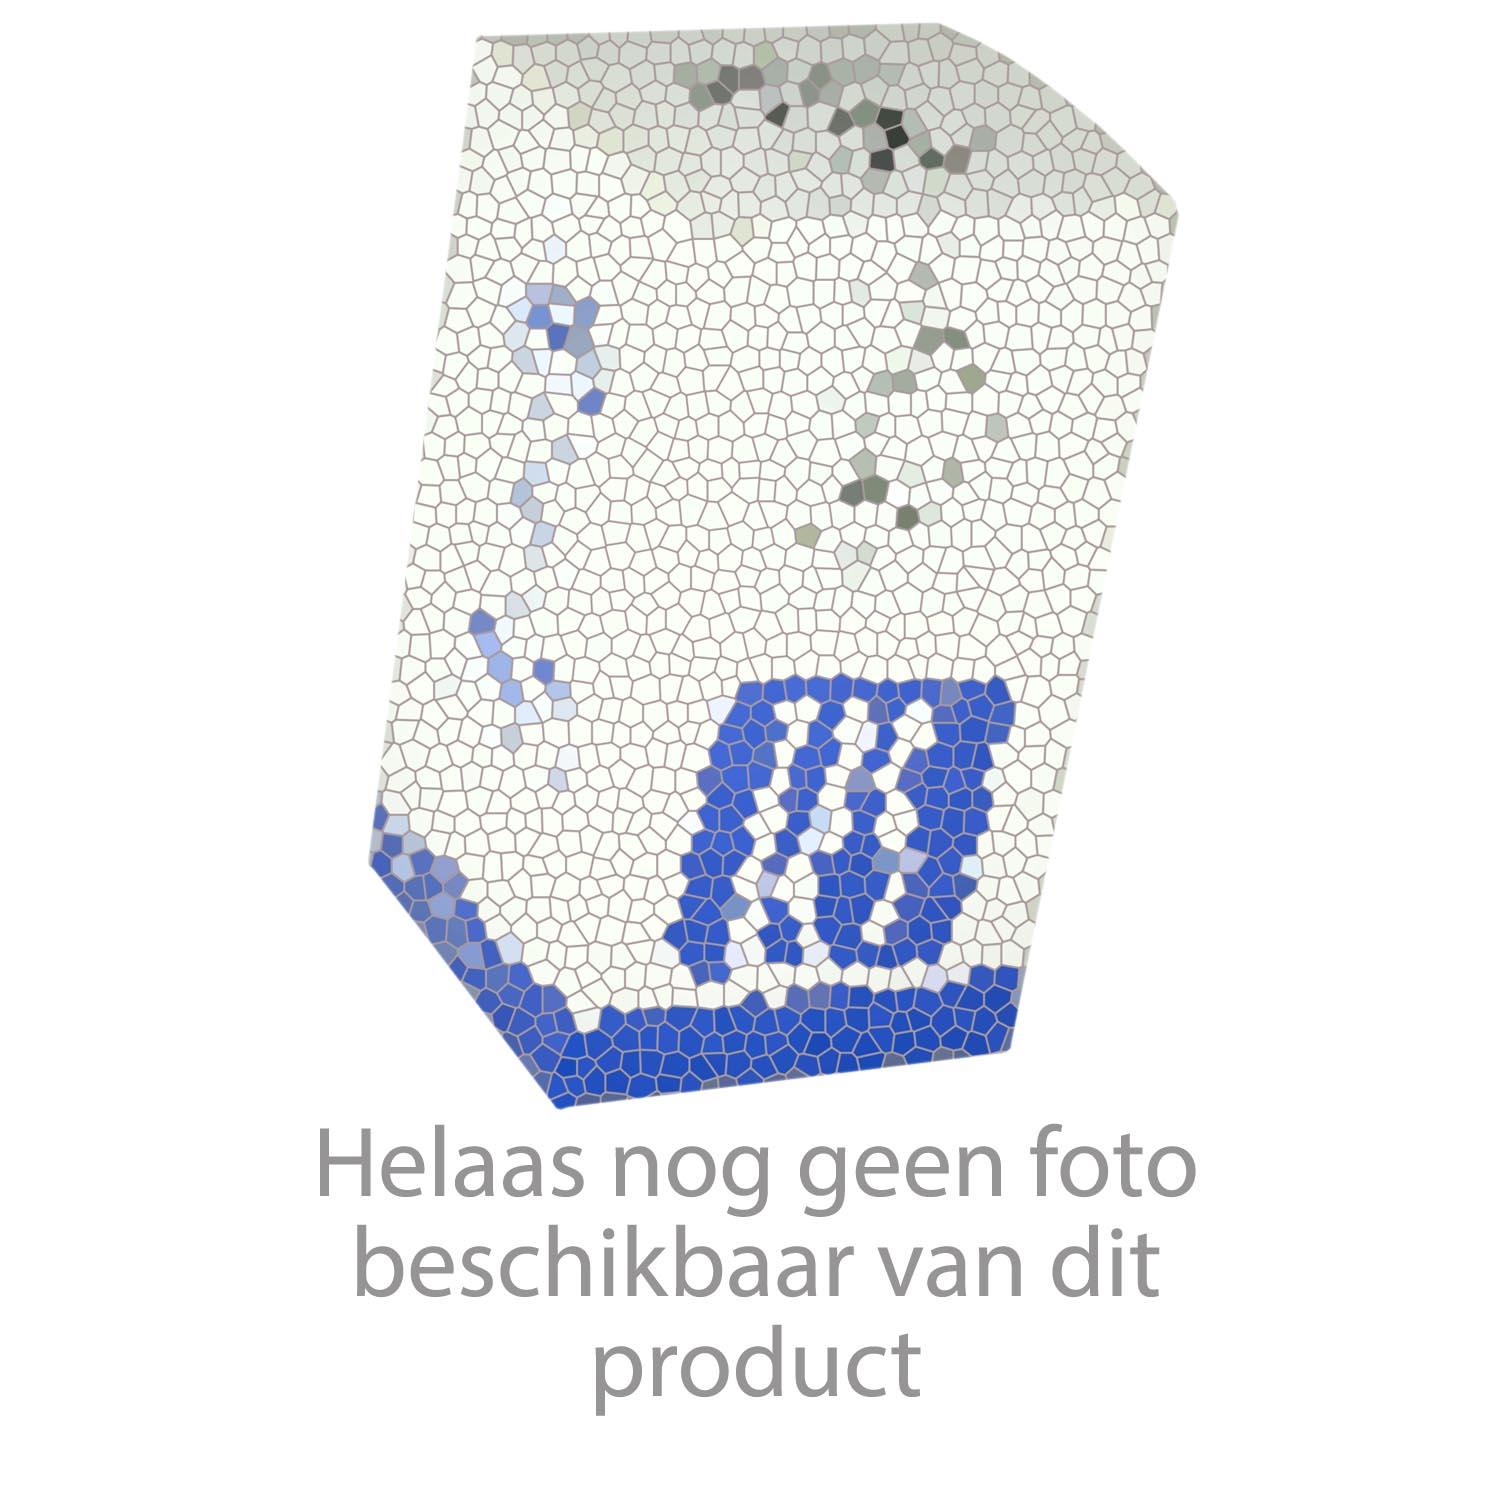 HansGrohe Keukenmengkranen Allegra Linea (Metropol) productiejaar 10/96 - 12/01 14812 onderdelen